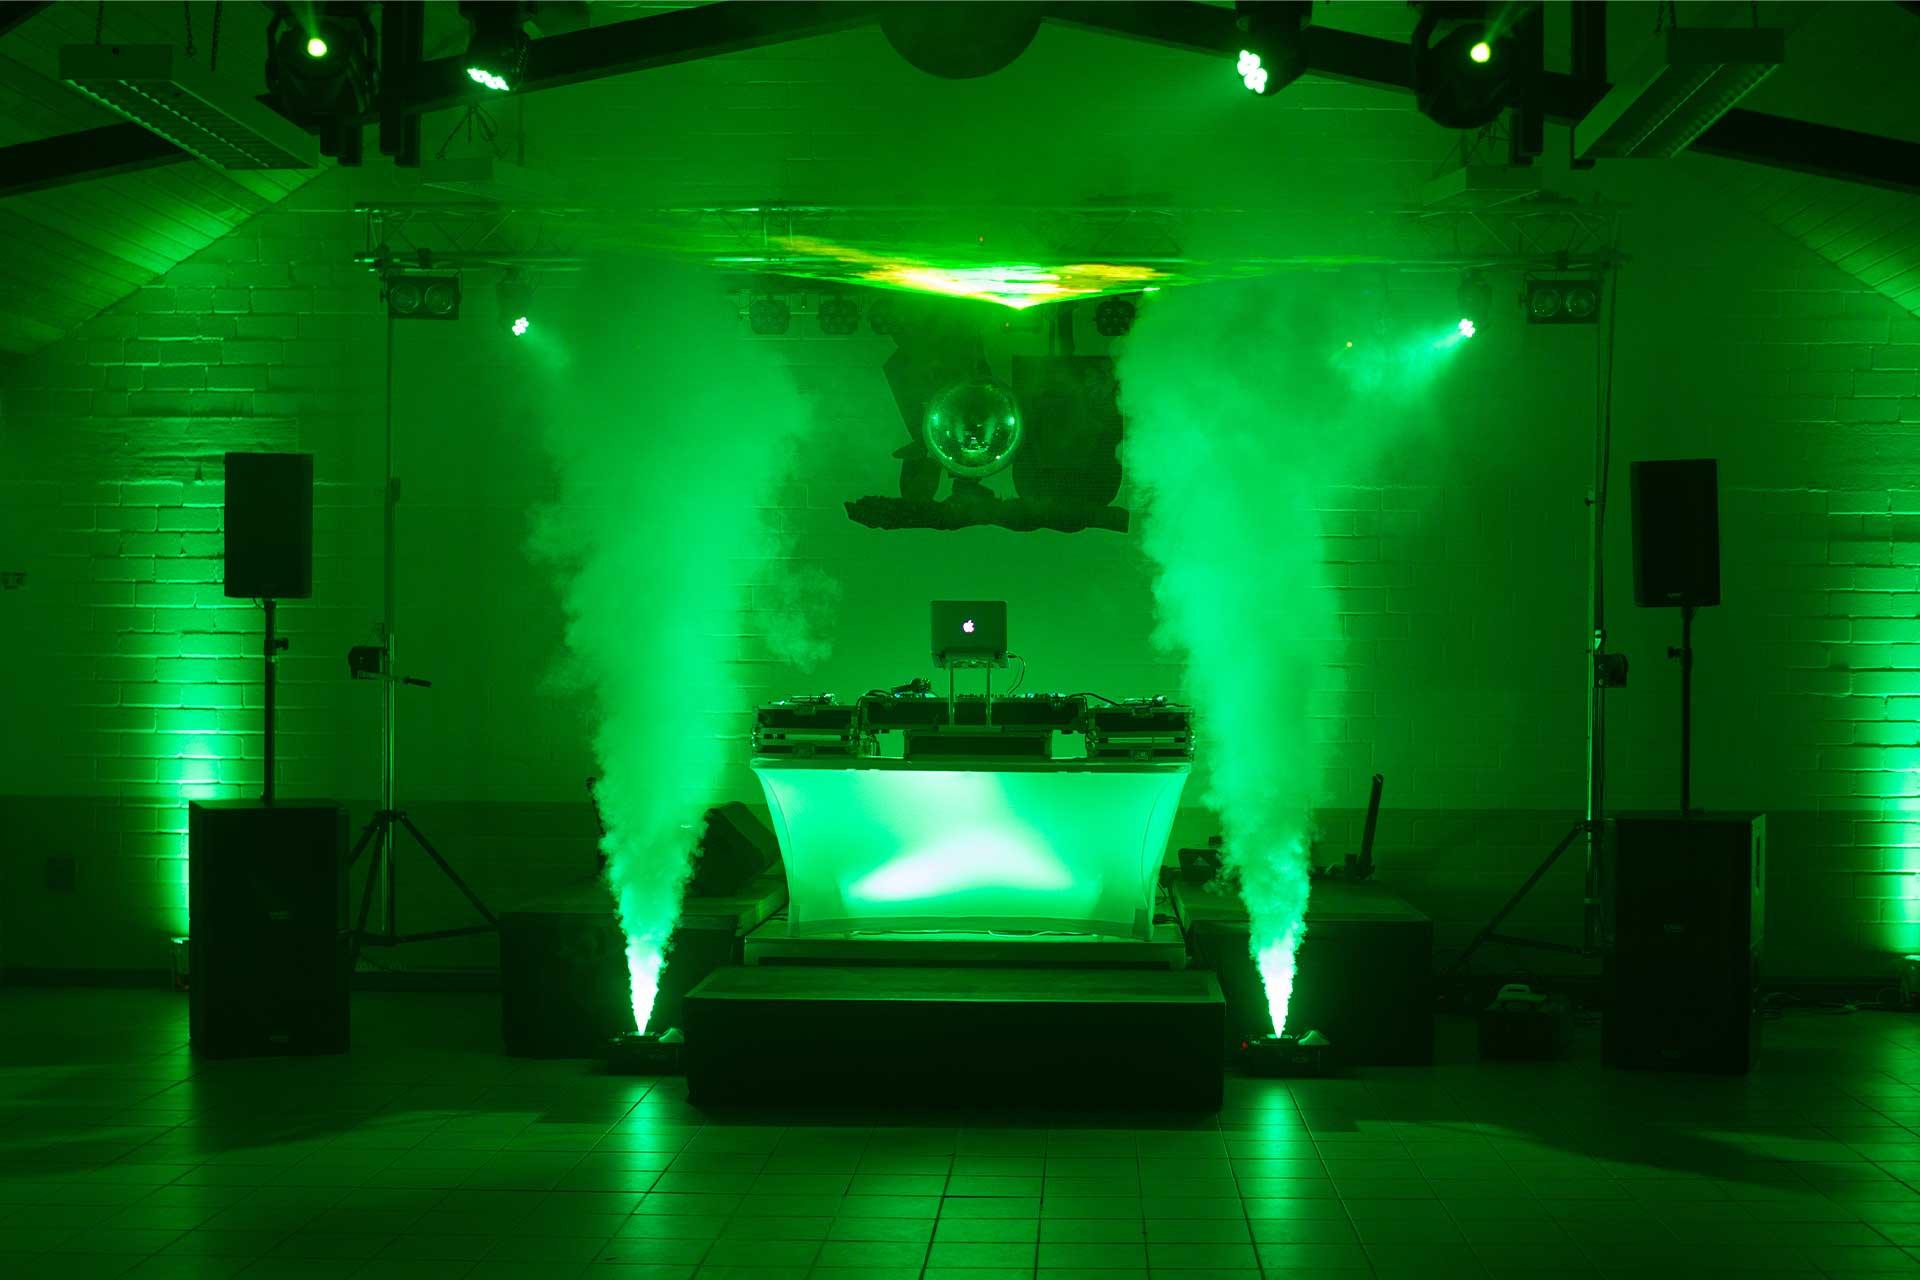 Nebelmaschine 2